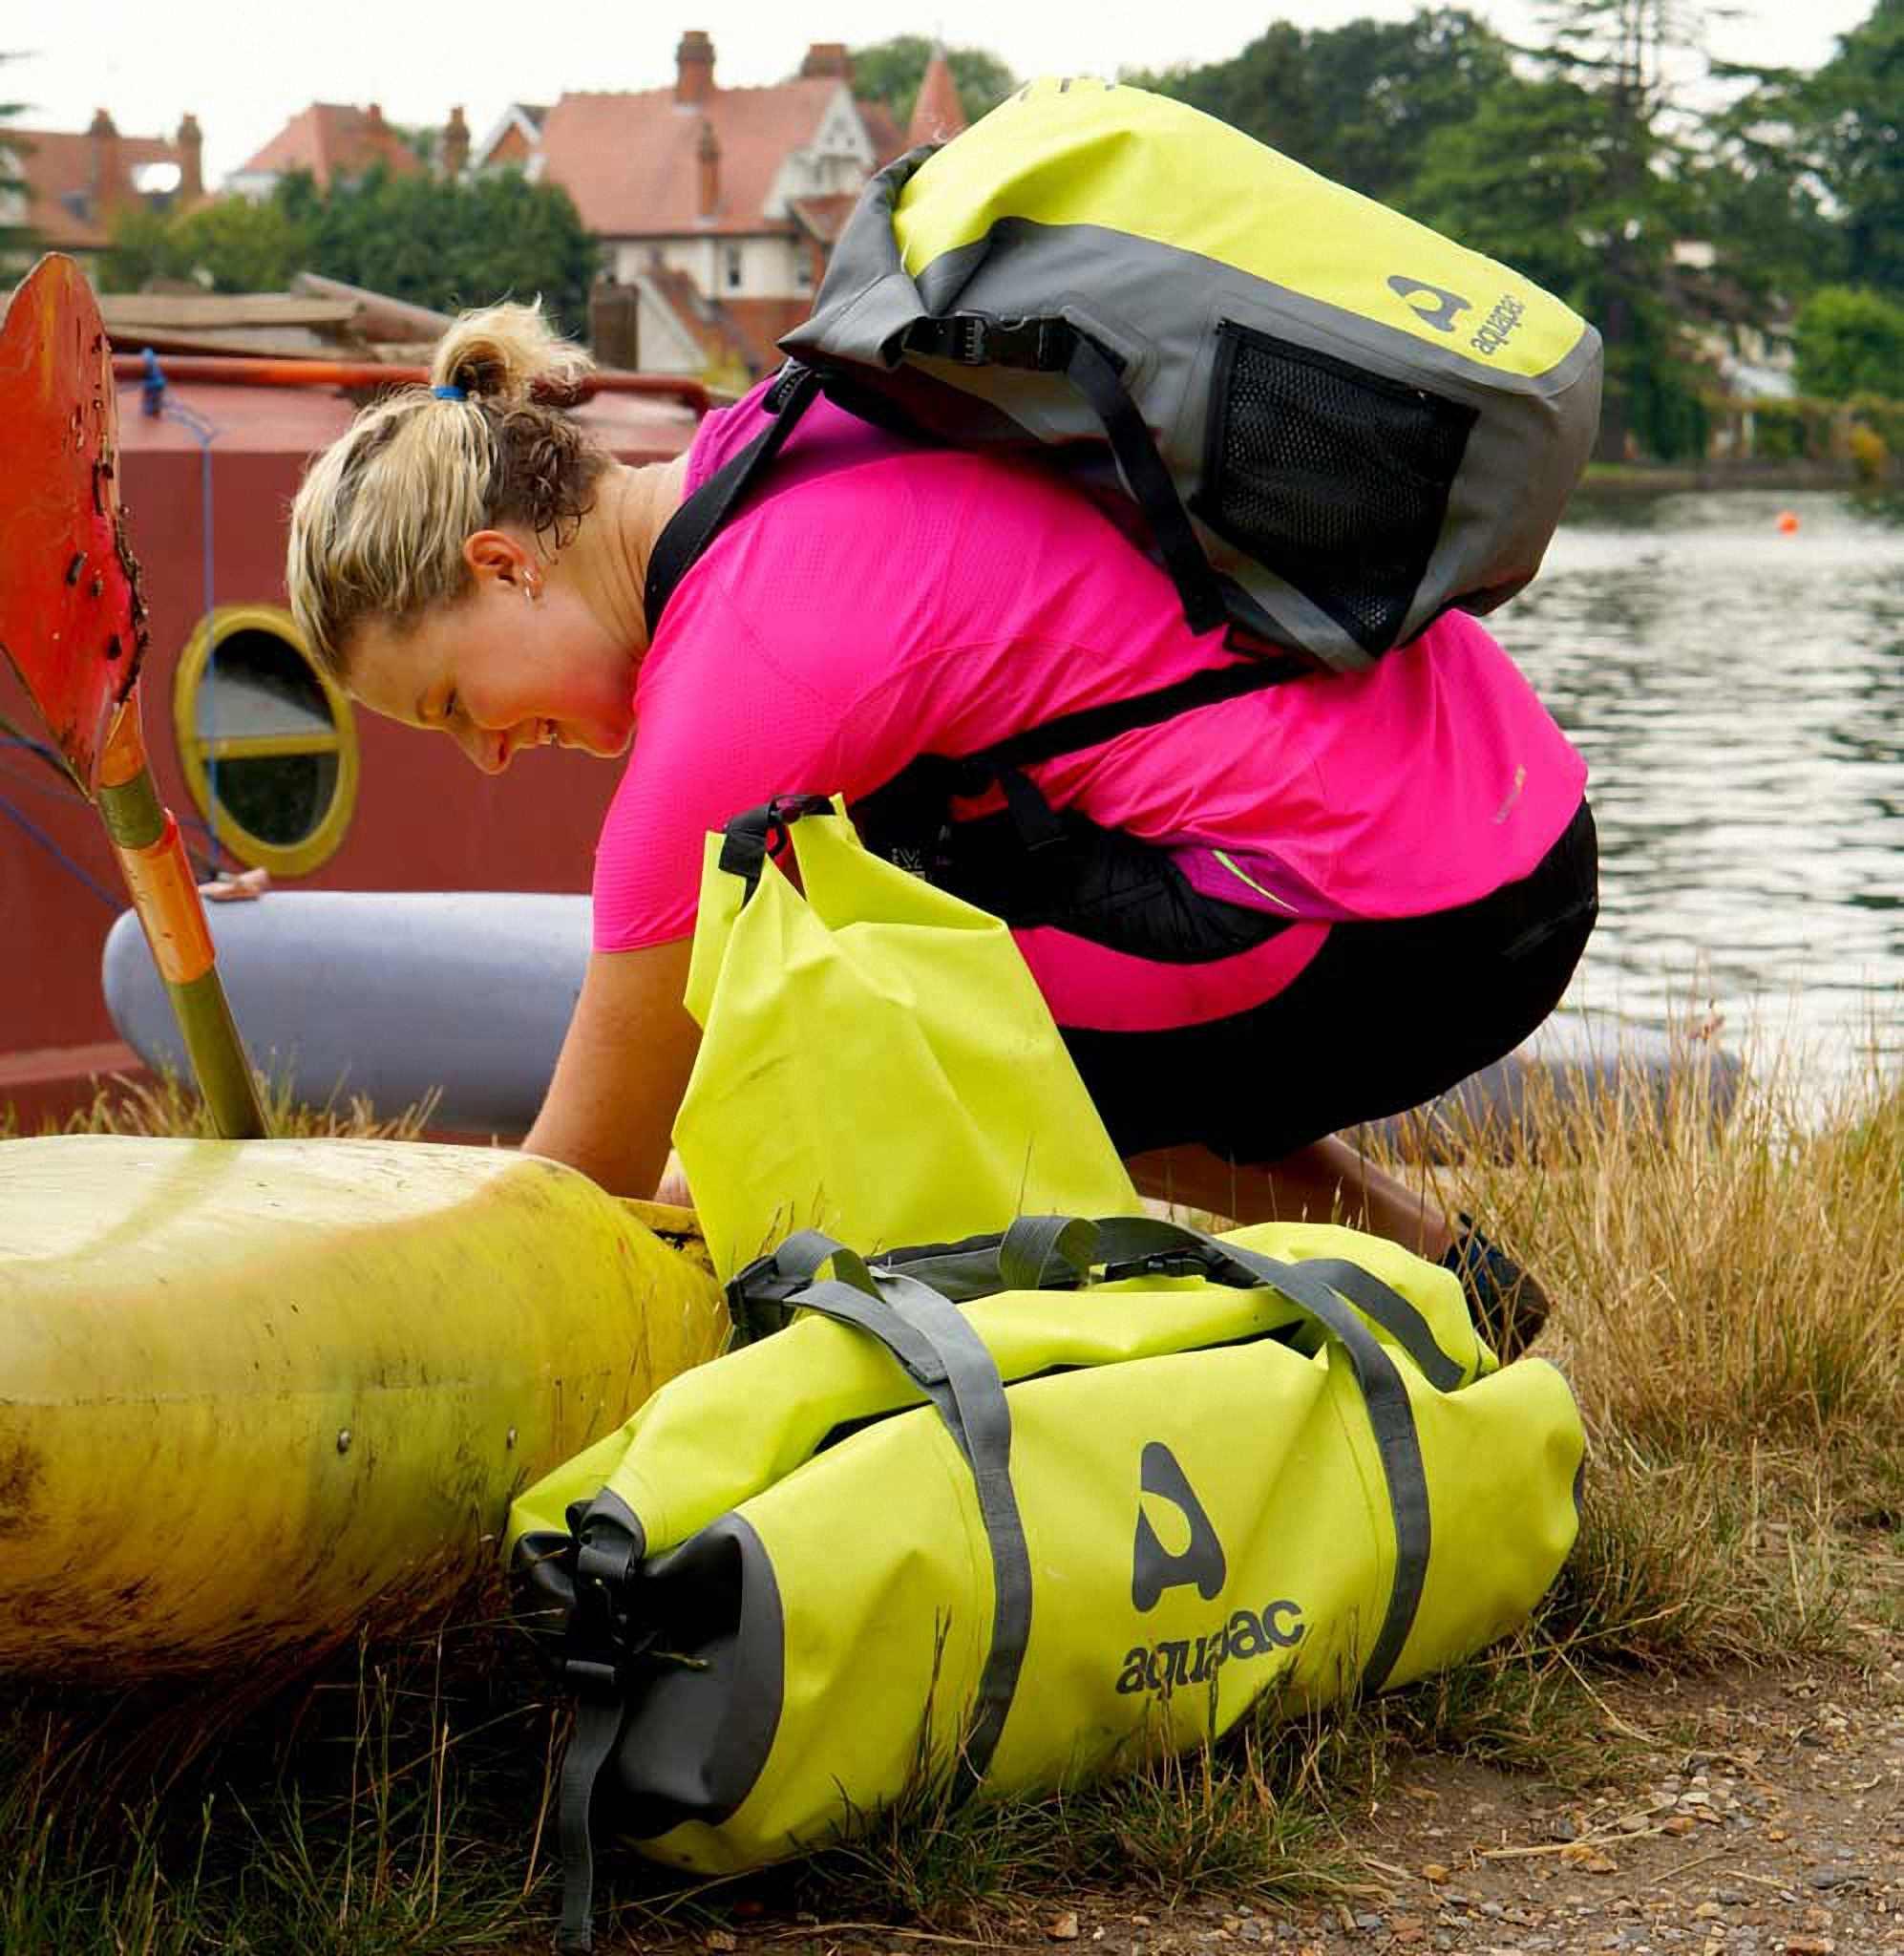 Водонепроницаемая сумка Aquapac 723 - TrailProof Duffels - 70L.. Aquapac - №1 в мире водонепроницаемых чехлов и сумок. Фото 6